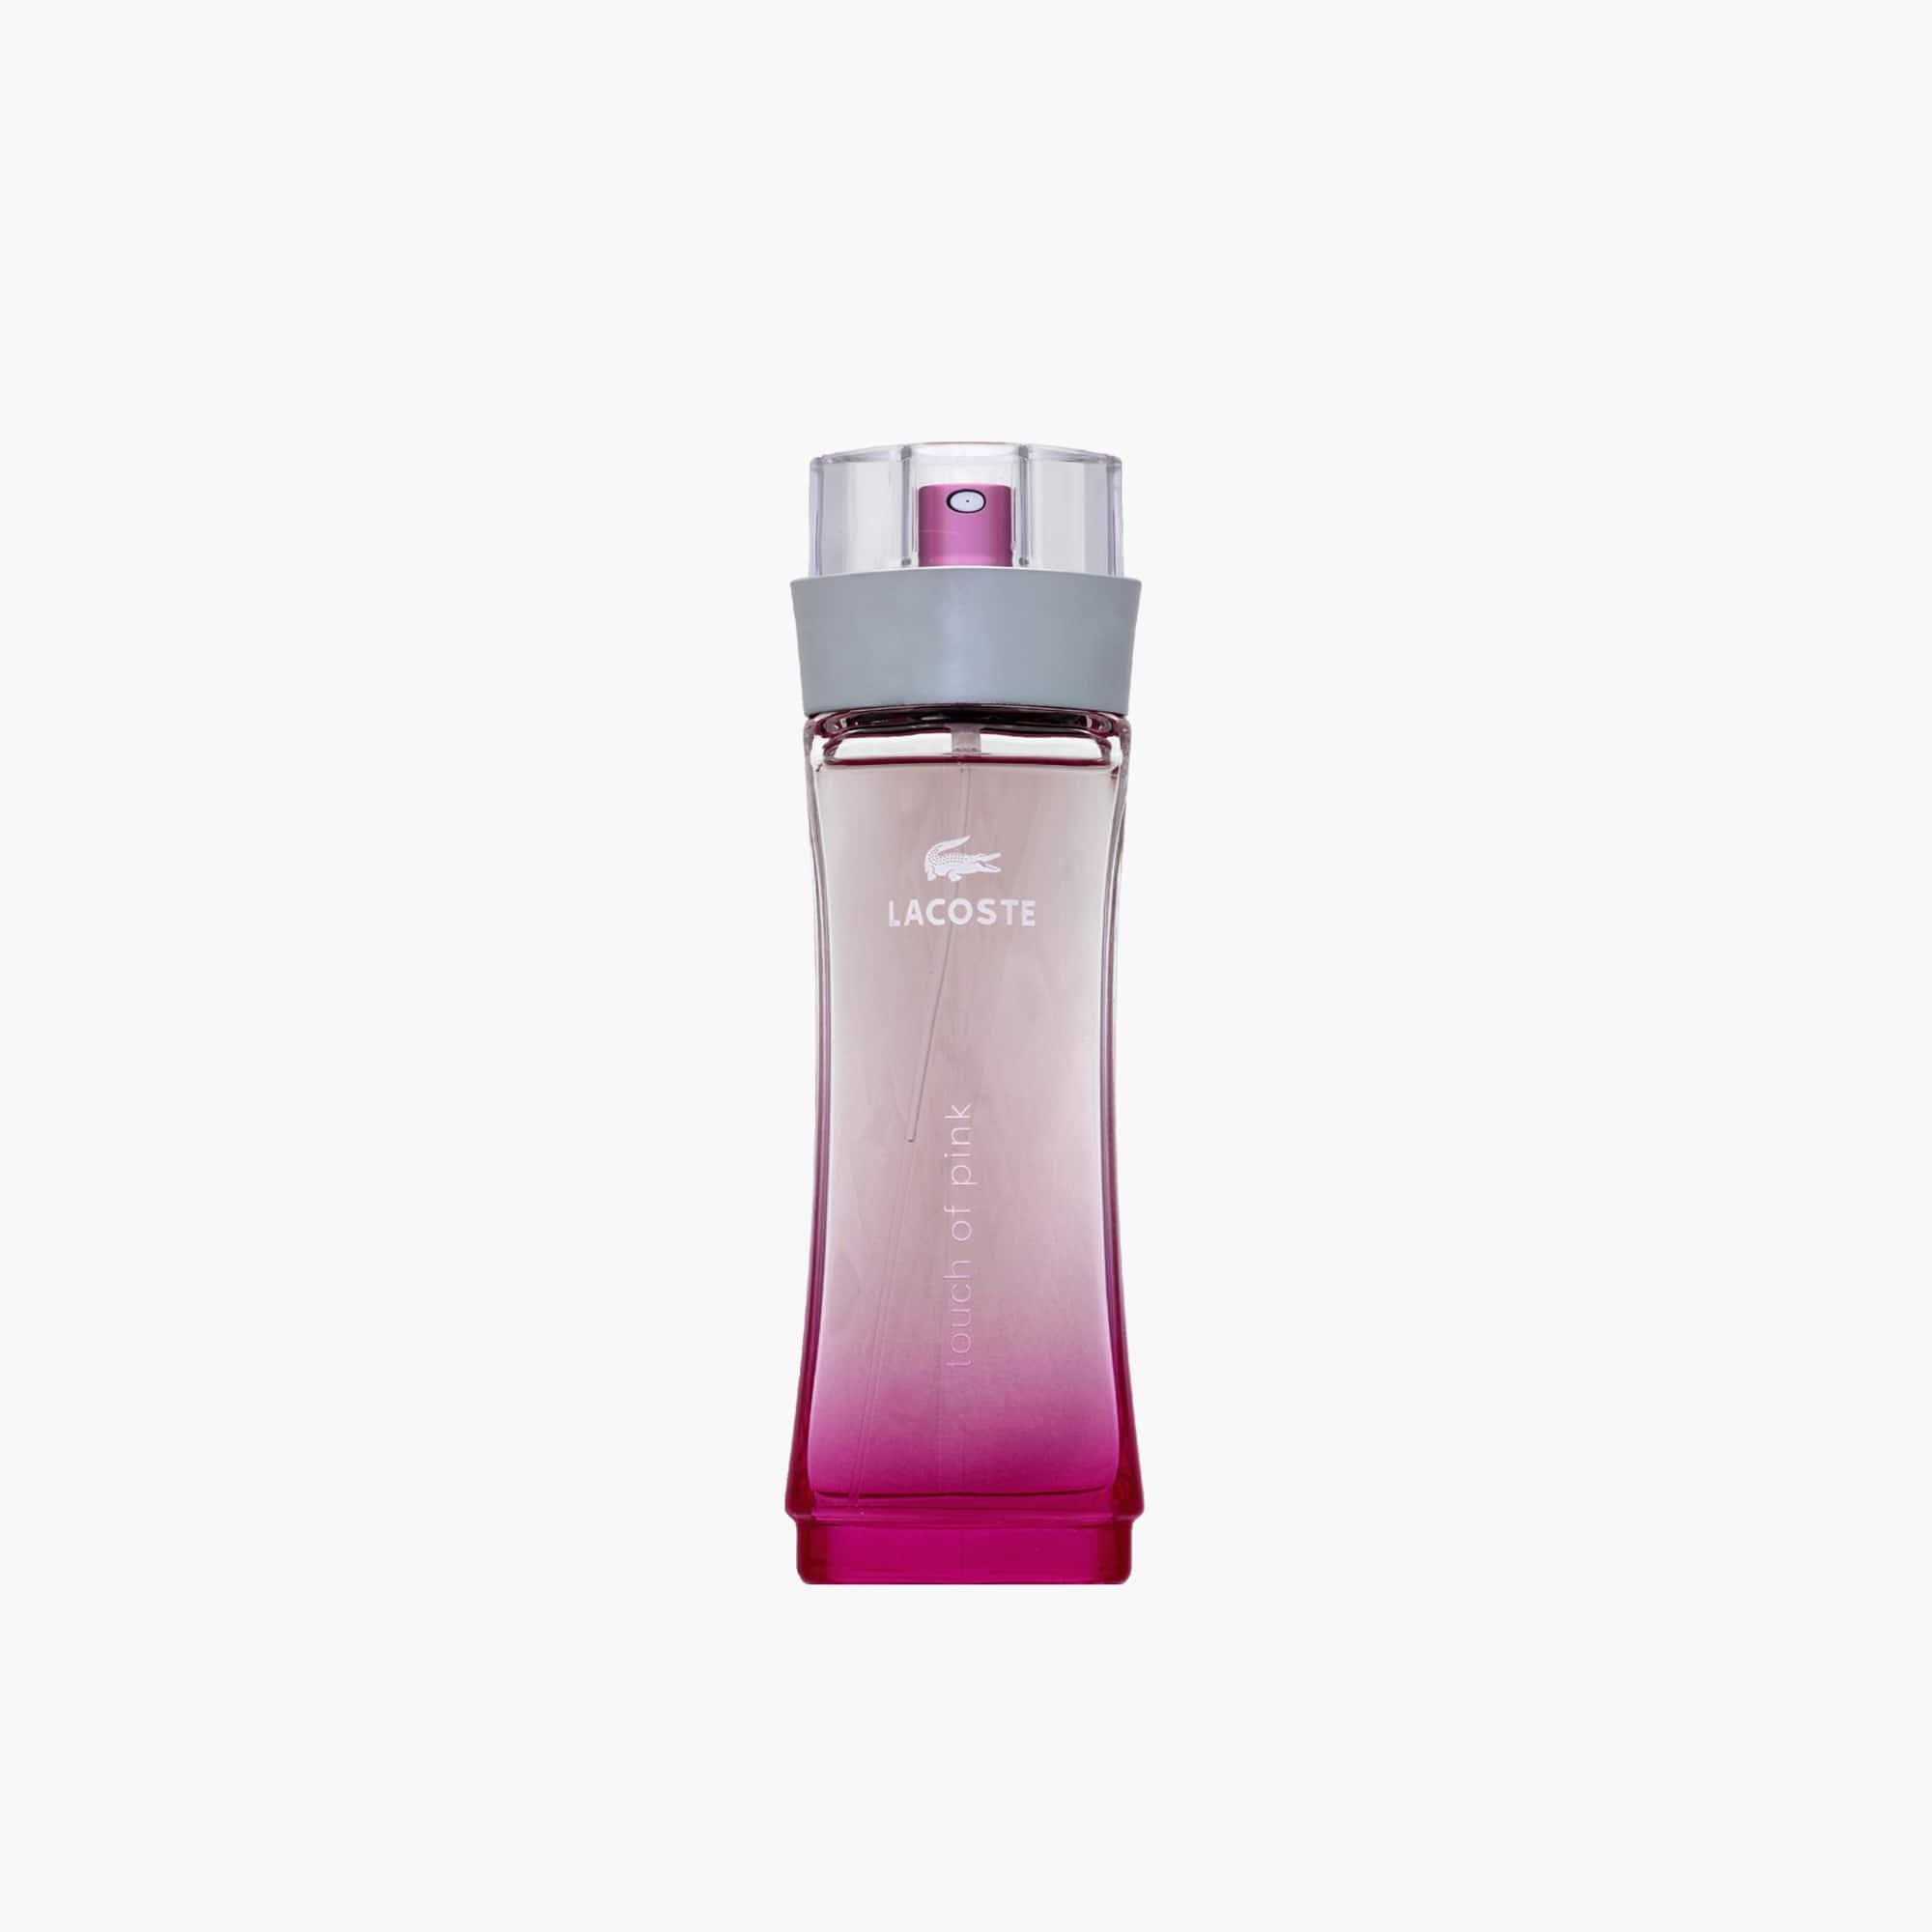 Touch of Pink Eau de Toilette 90ml